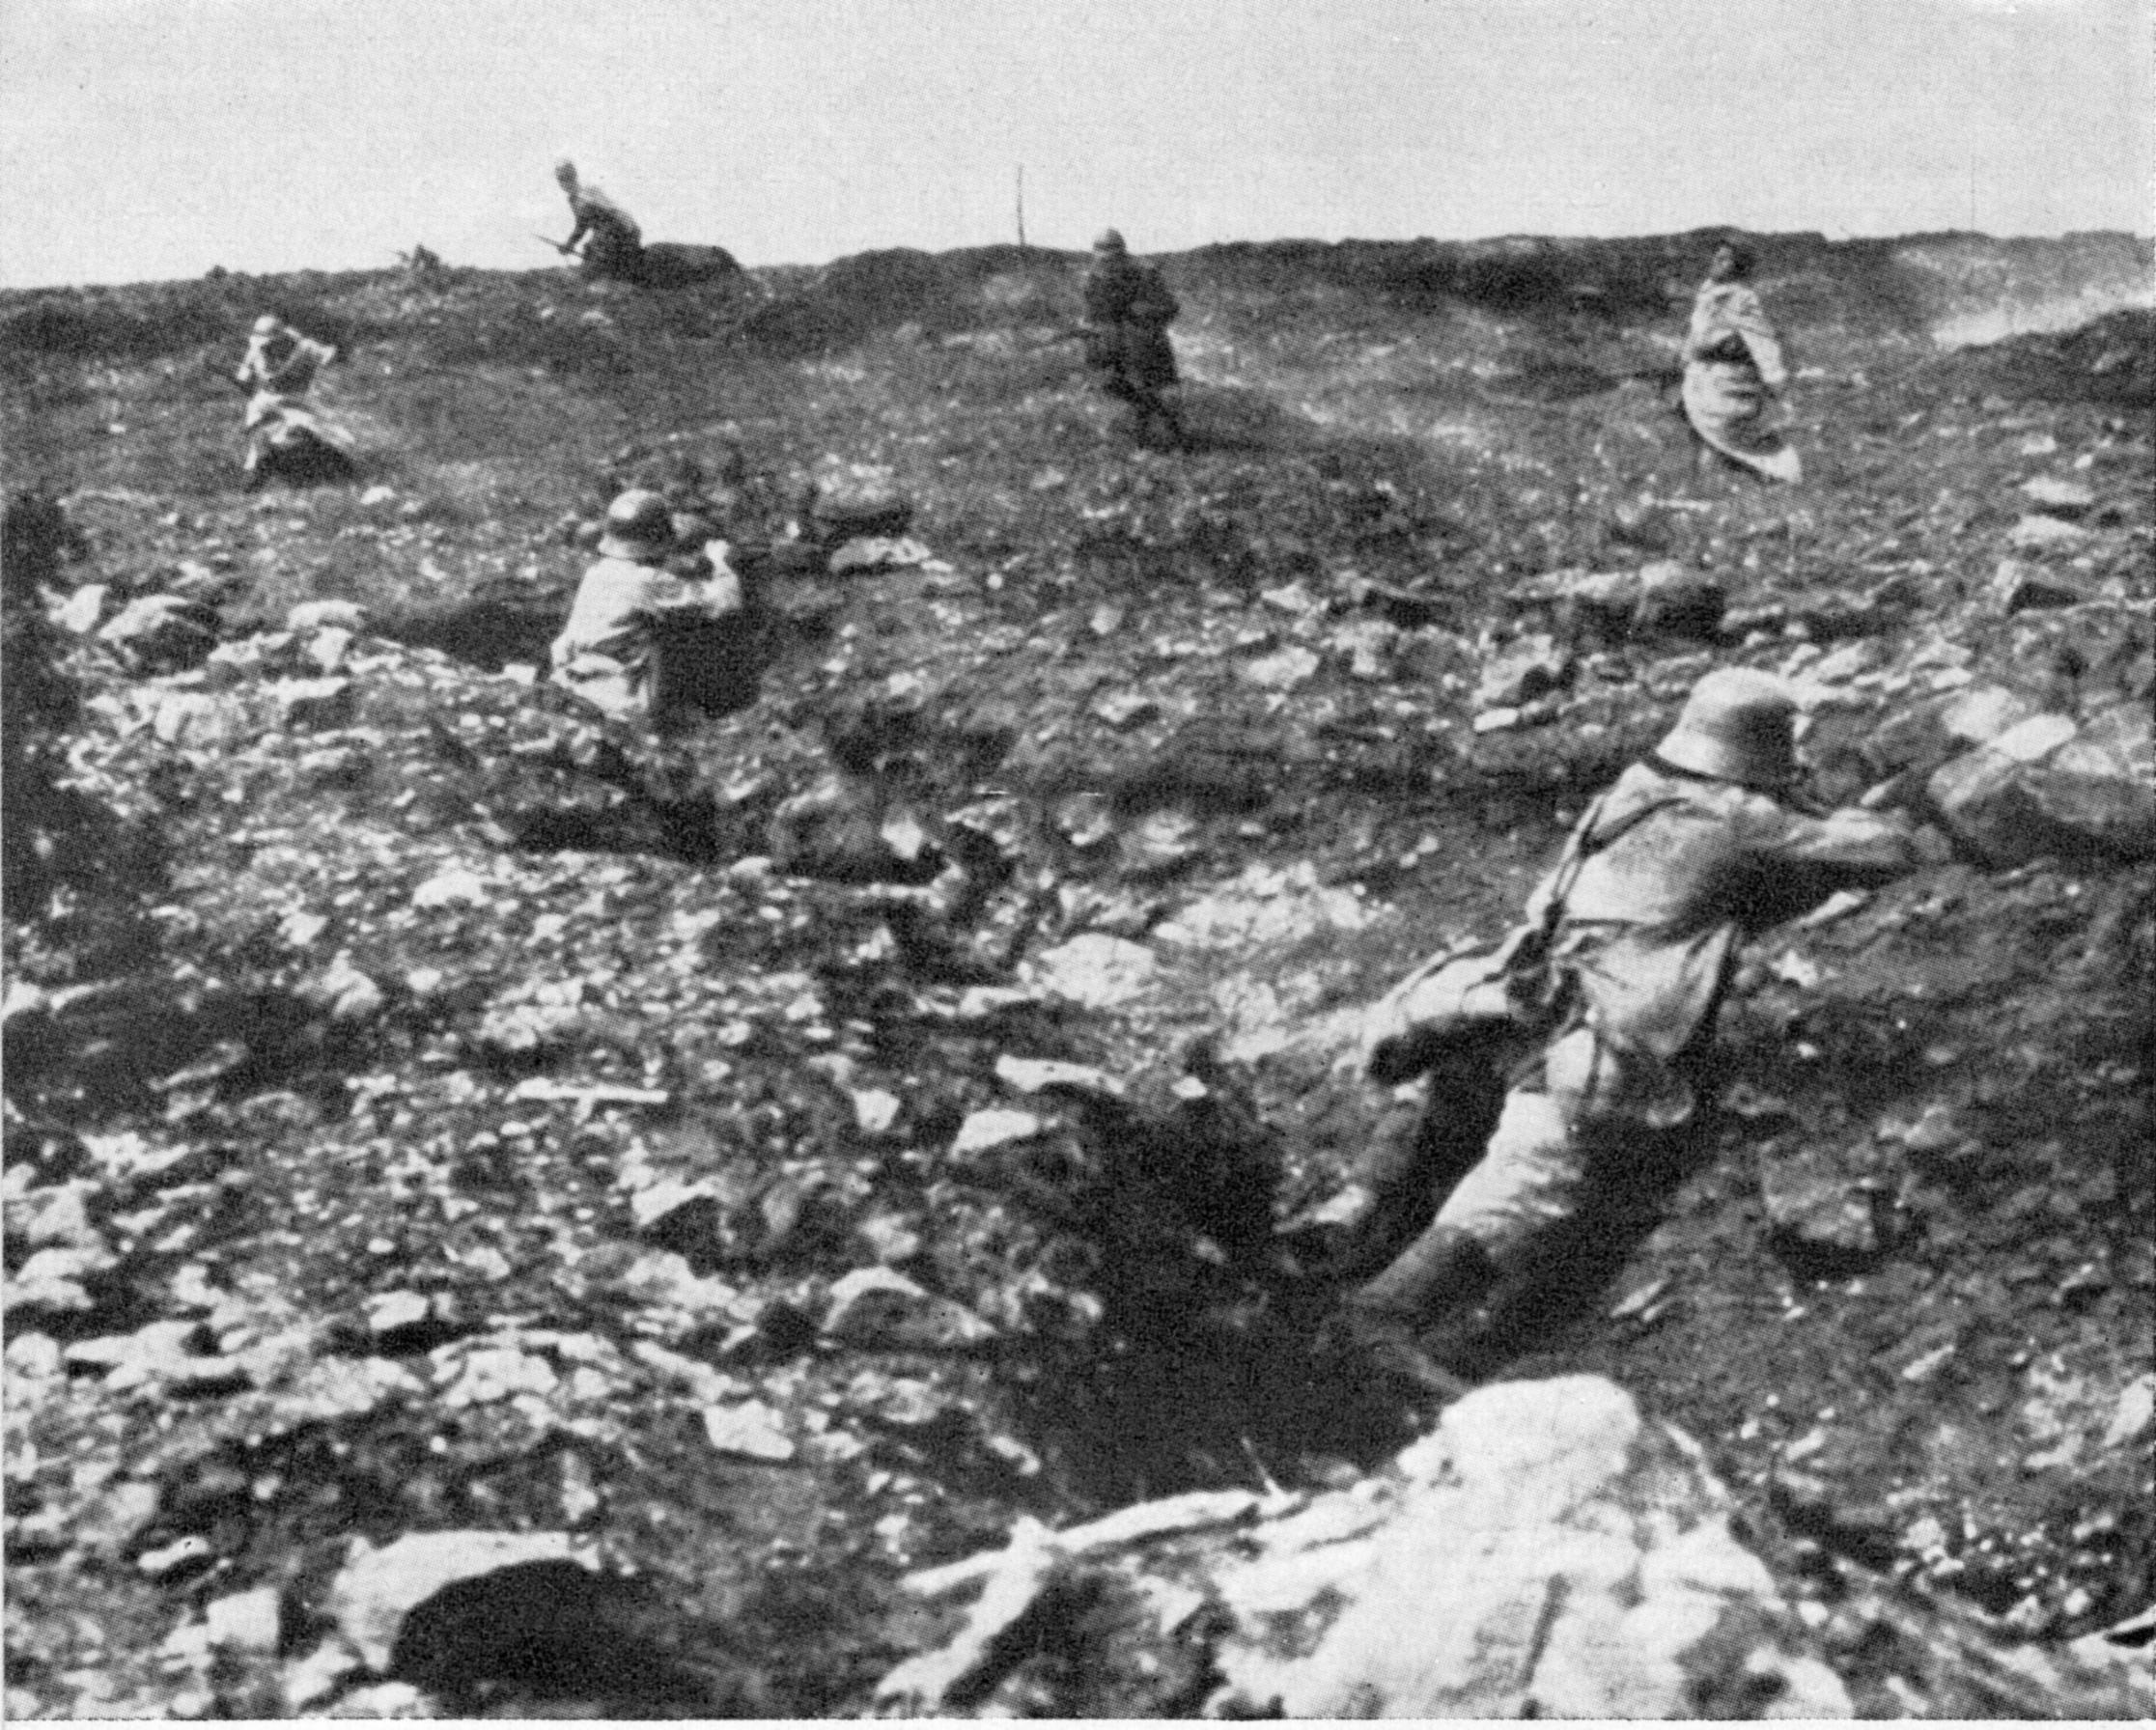 Erfolgloser französischer Sturmangriff auf eine deutsche, durch Trommelfeuer nahezu vollständig eingeebnete Stellung